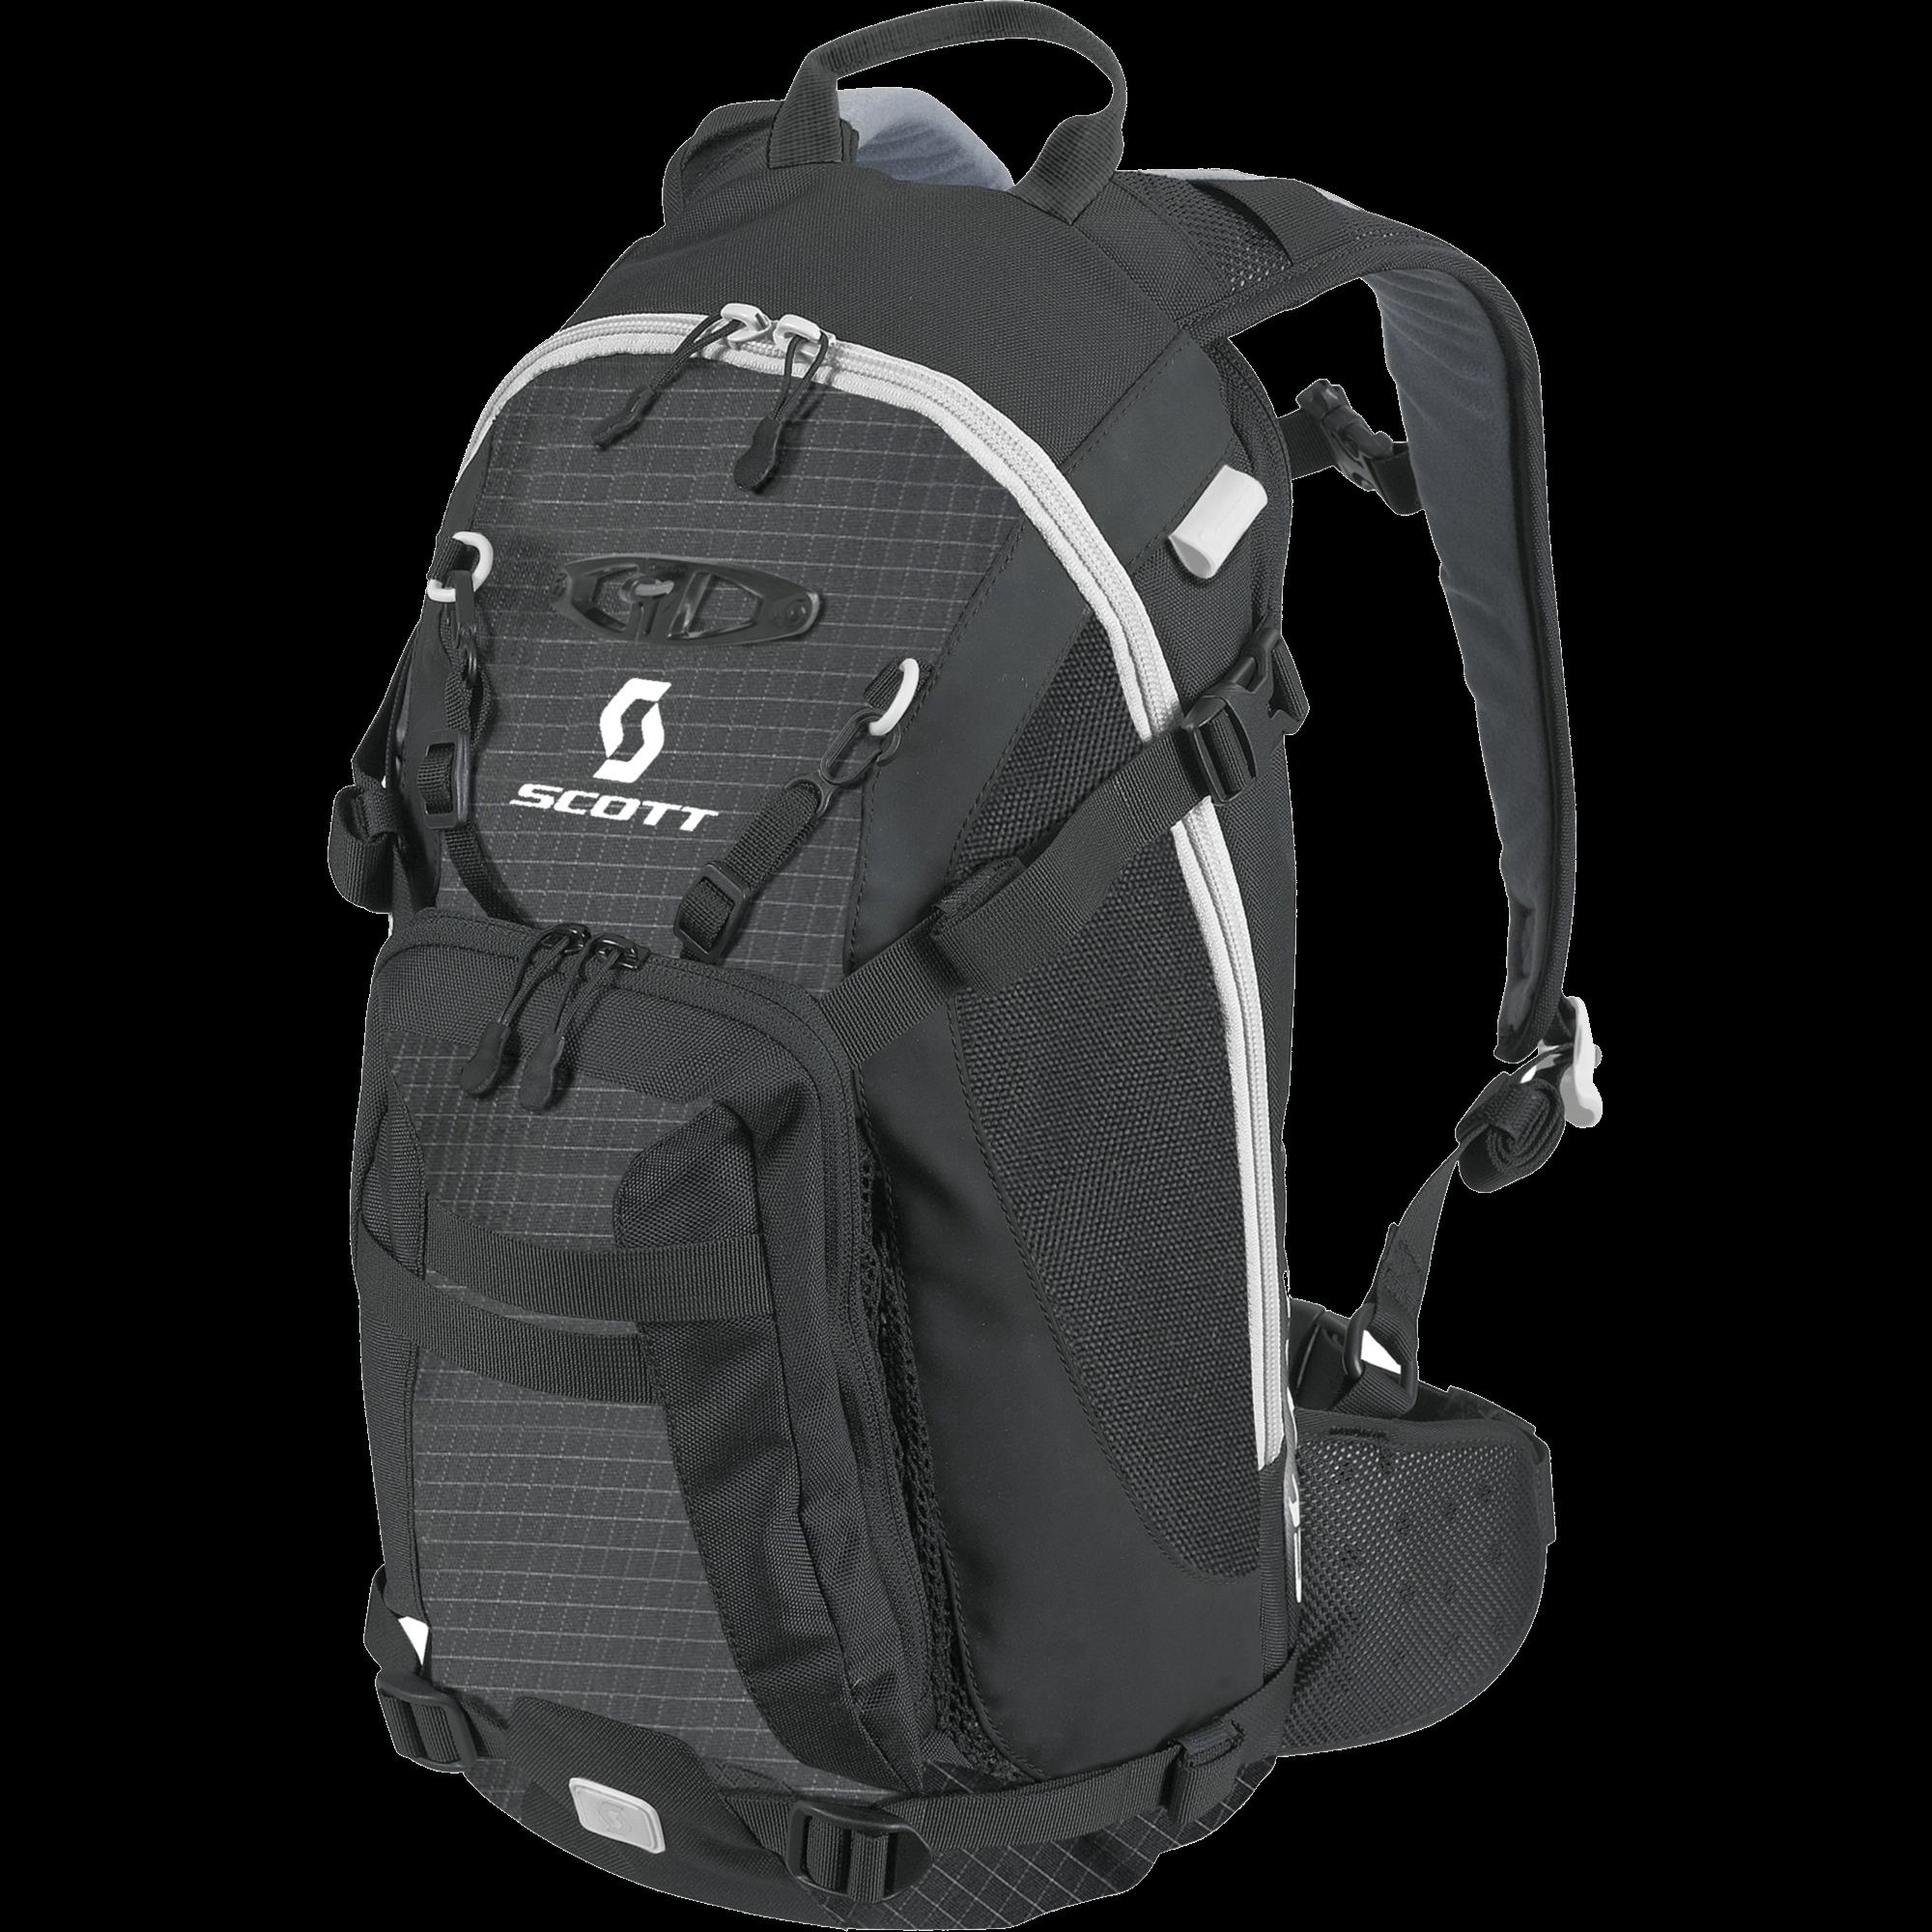 Scott Black Backpack transparent PNG.